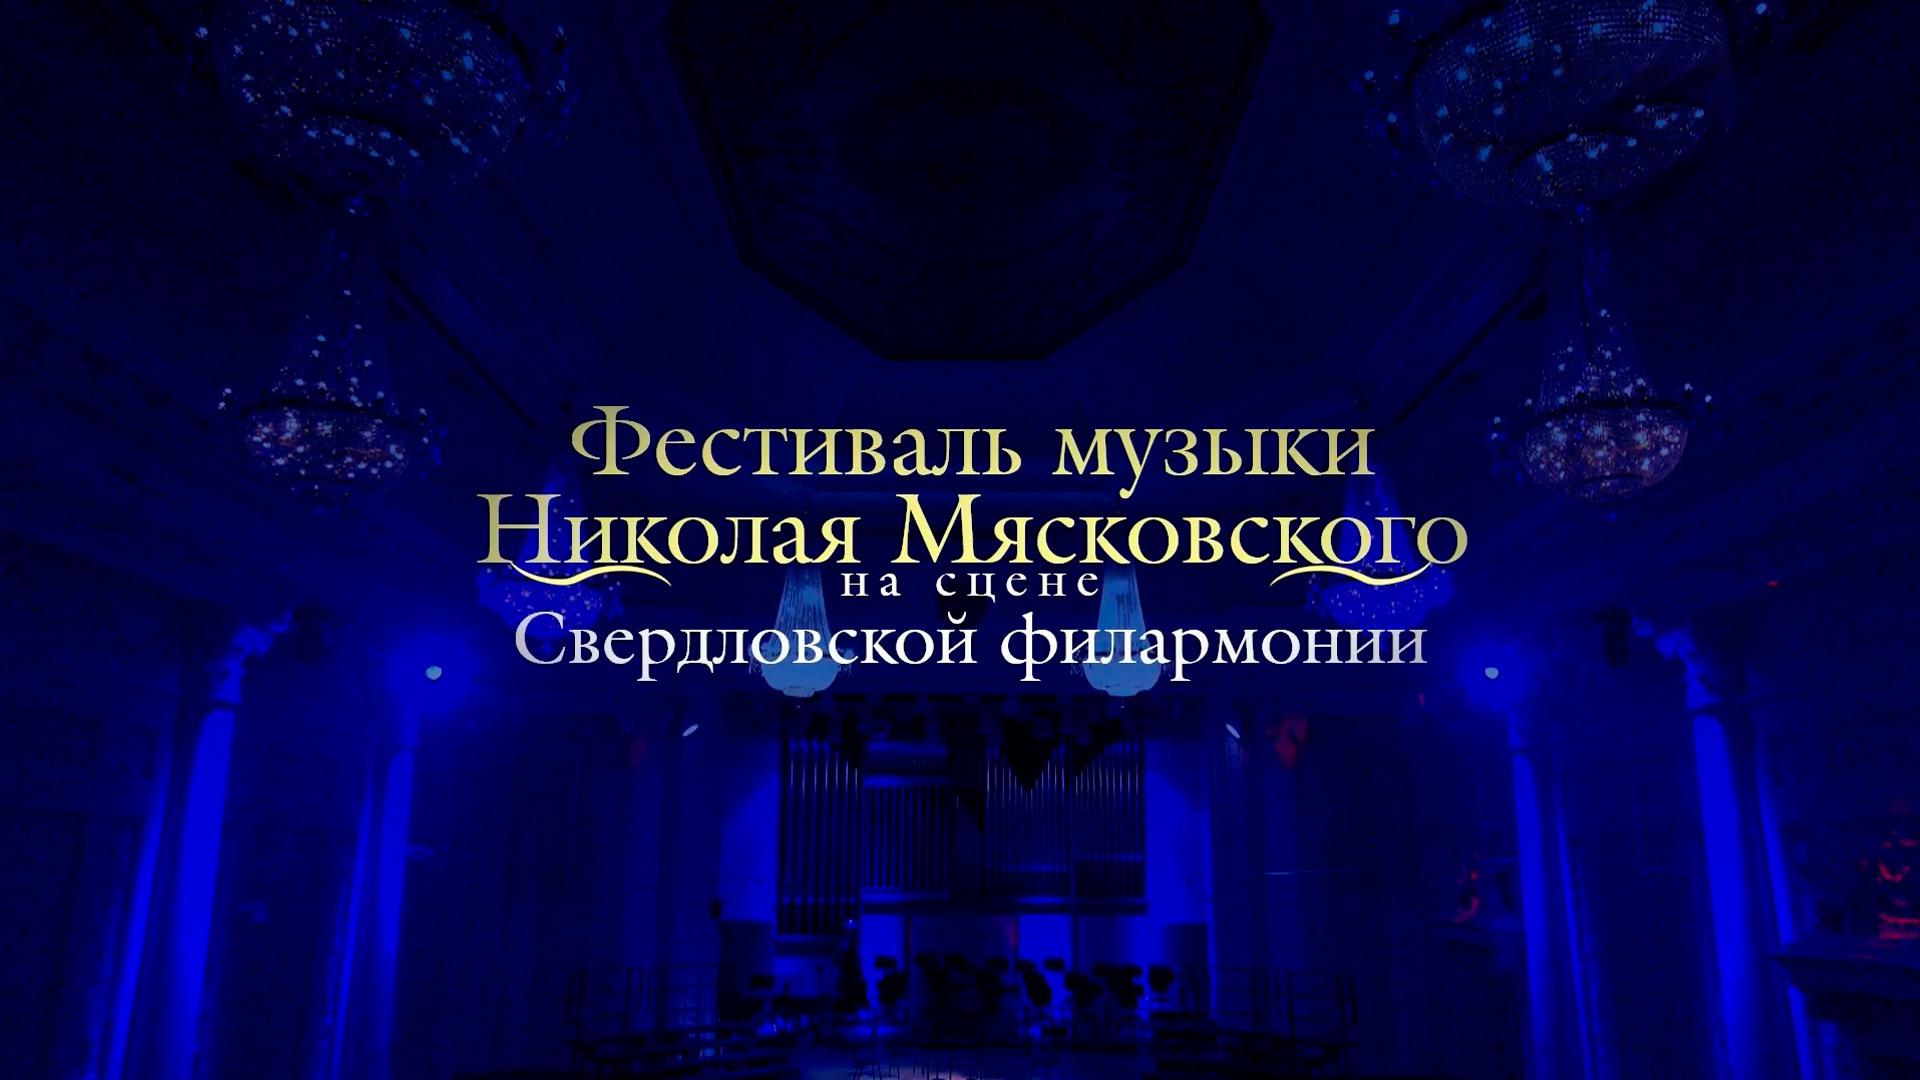 Фестиваль музыки Николая Мясковского на сцене Свердловской филармонии